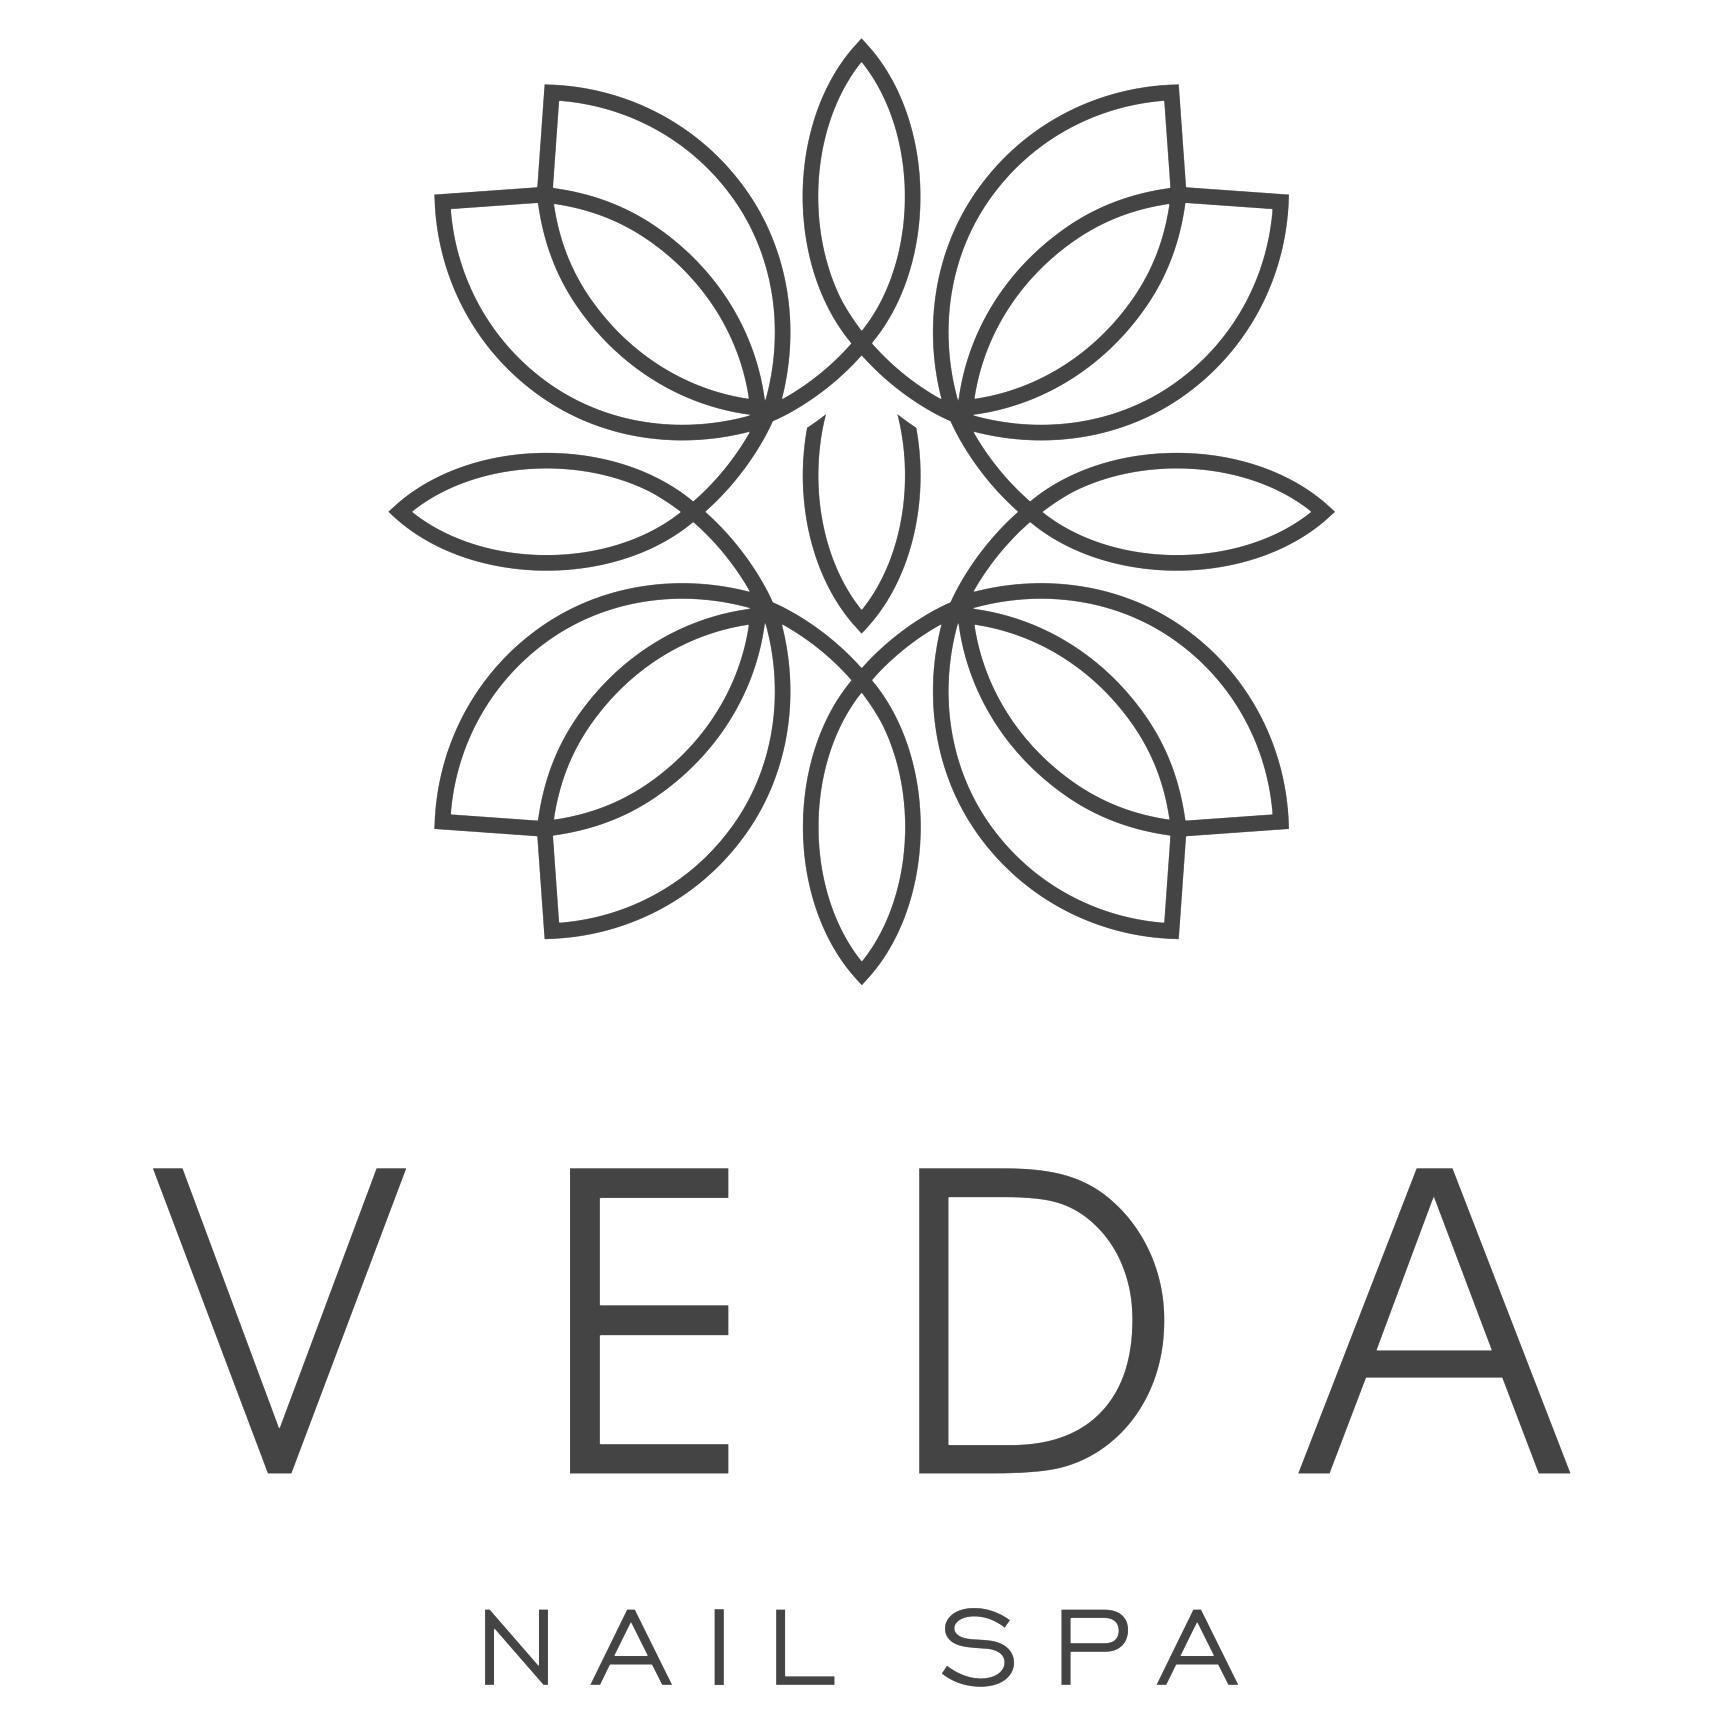 Veda Nail Spa